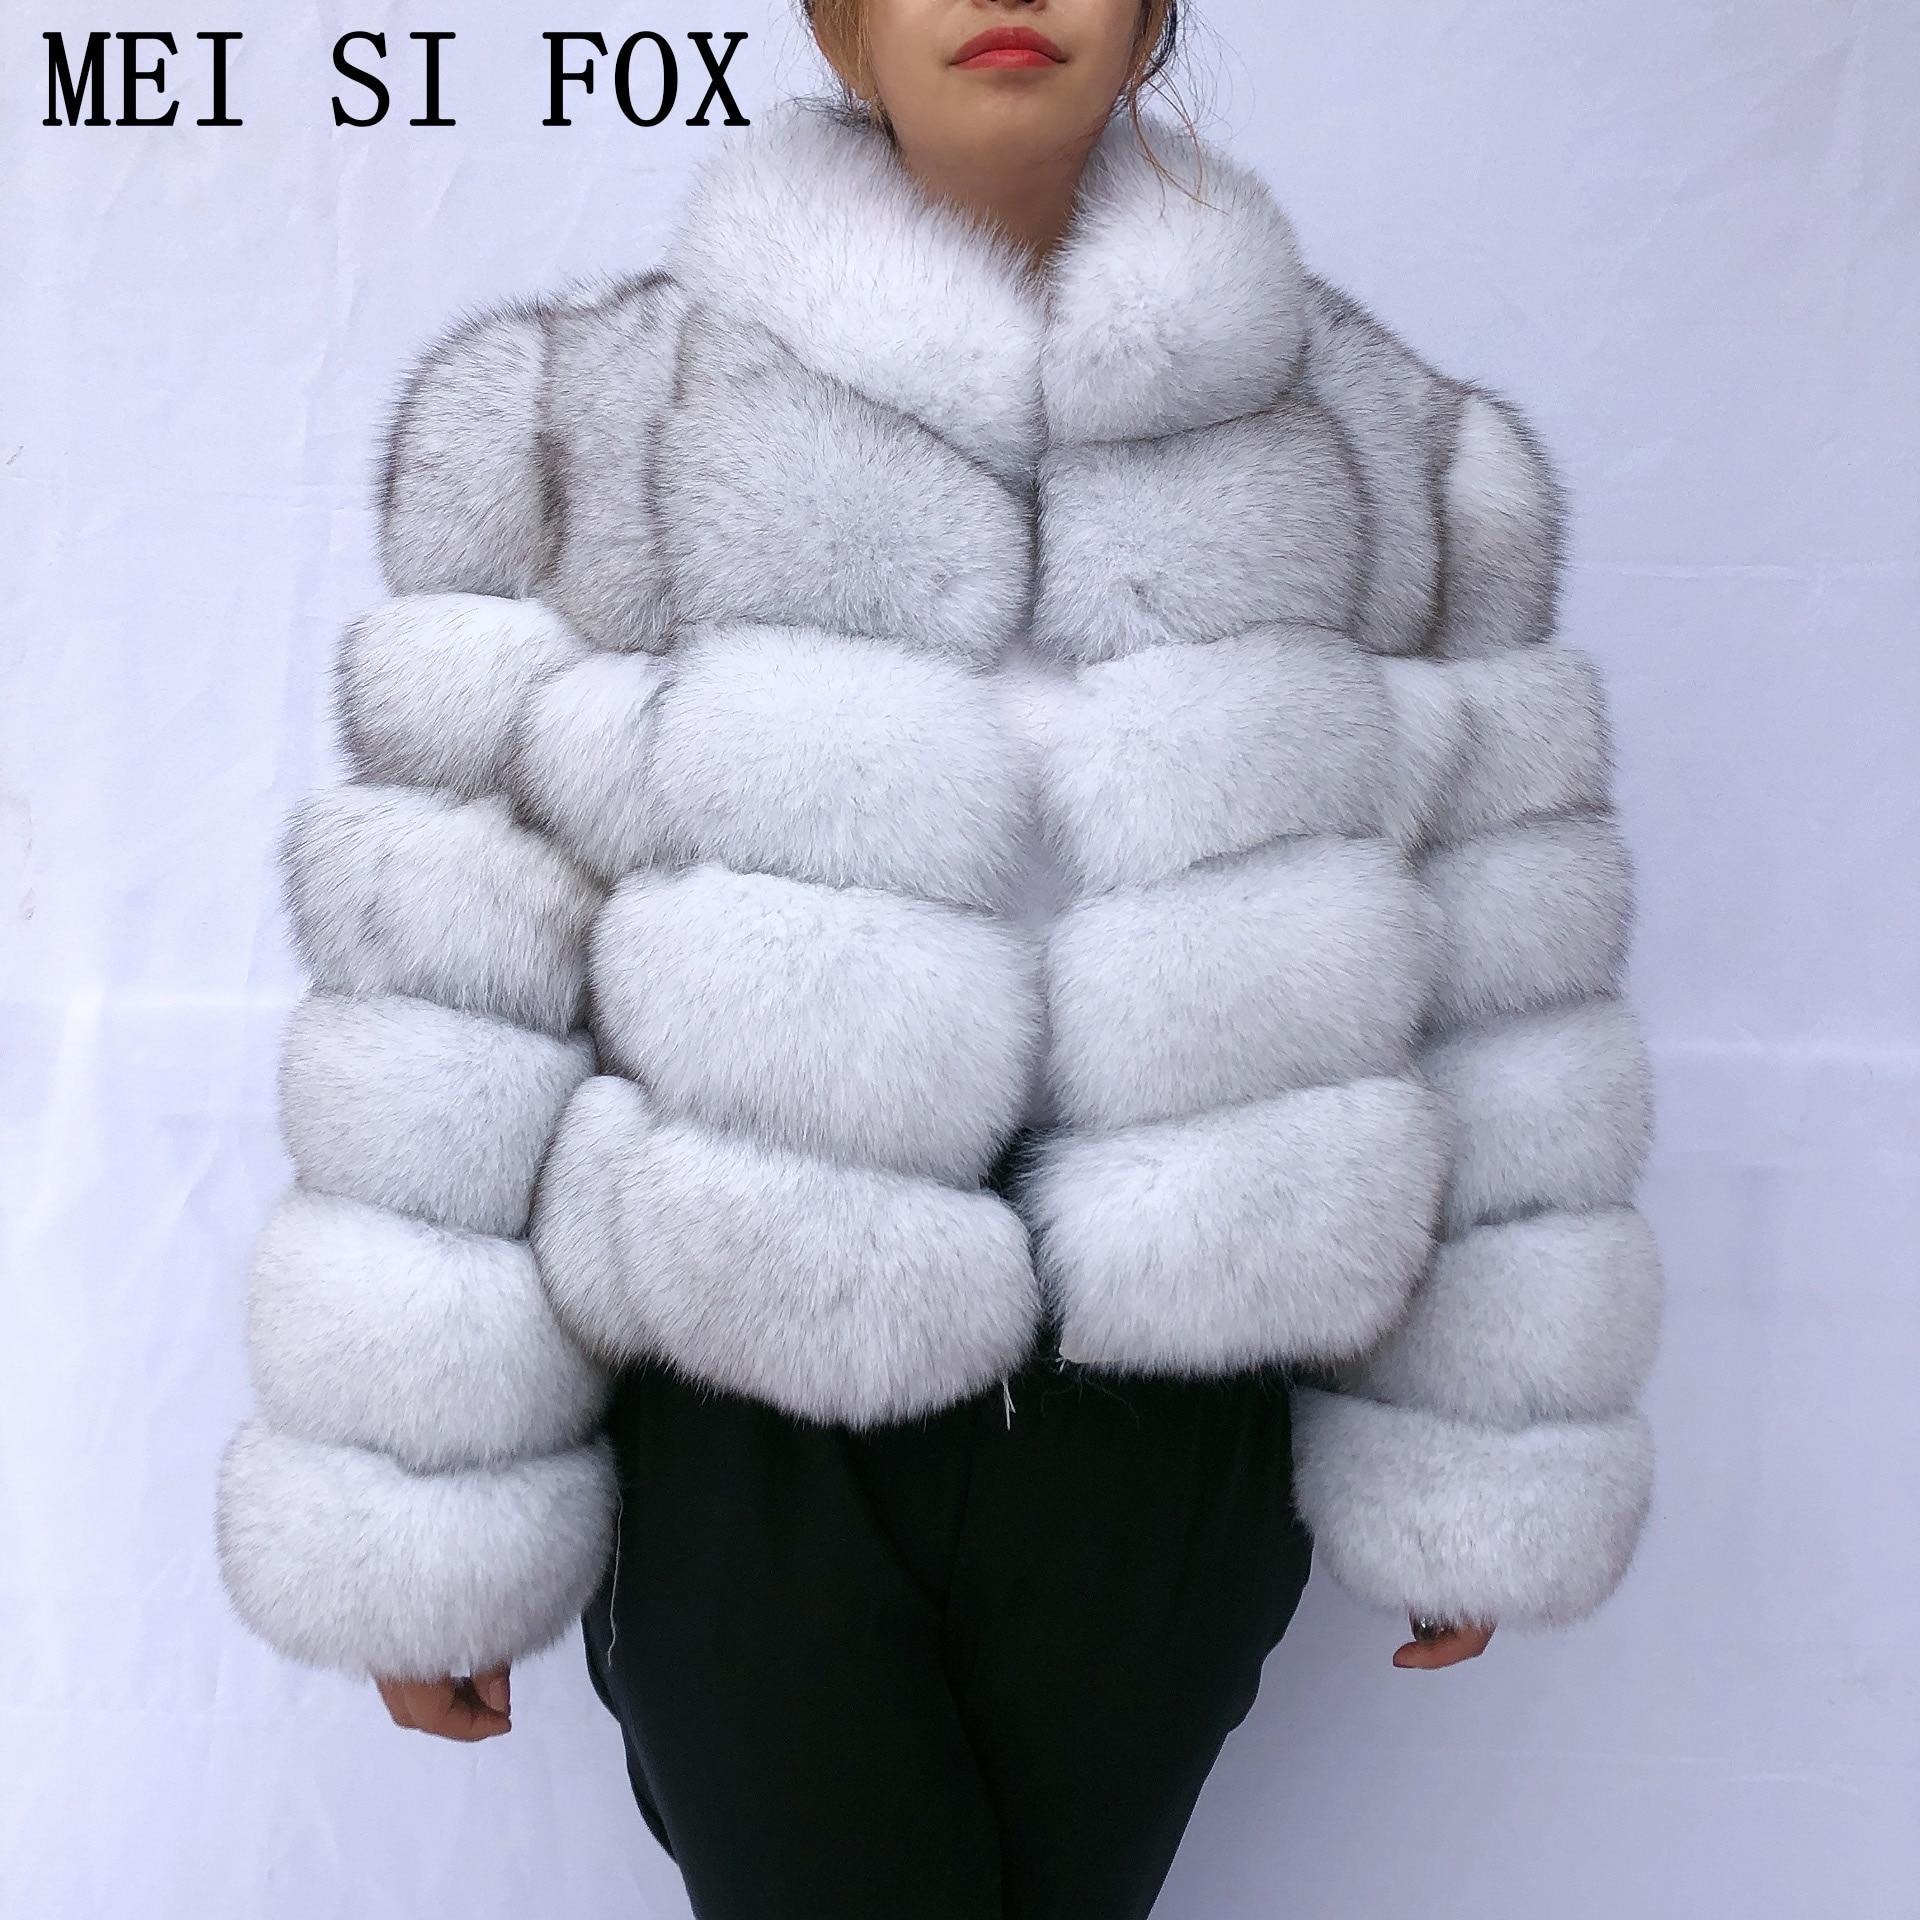 Женская Шуба, Женская куртка, женский жилет, пальто из лисьего меха, пальто из натурального меха, жилет из натурального меха, зимние меховые ...